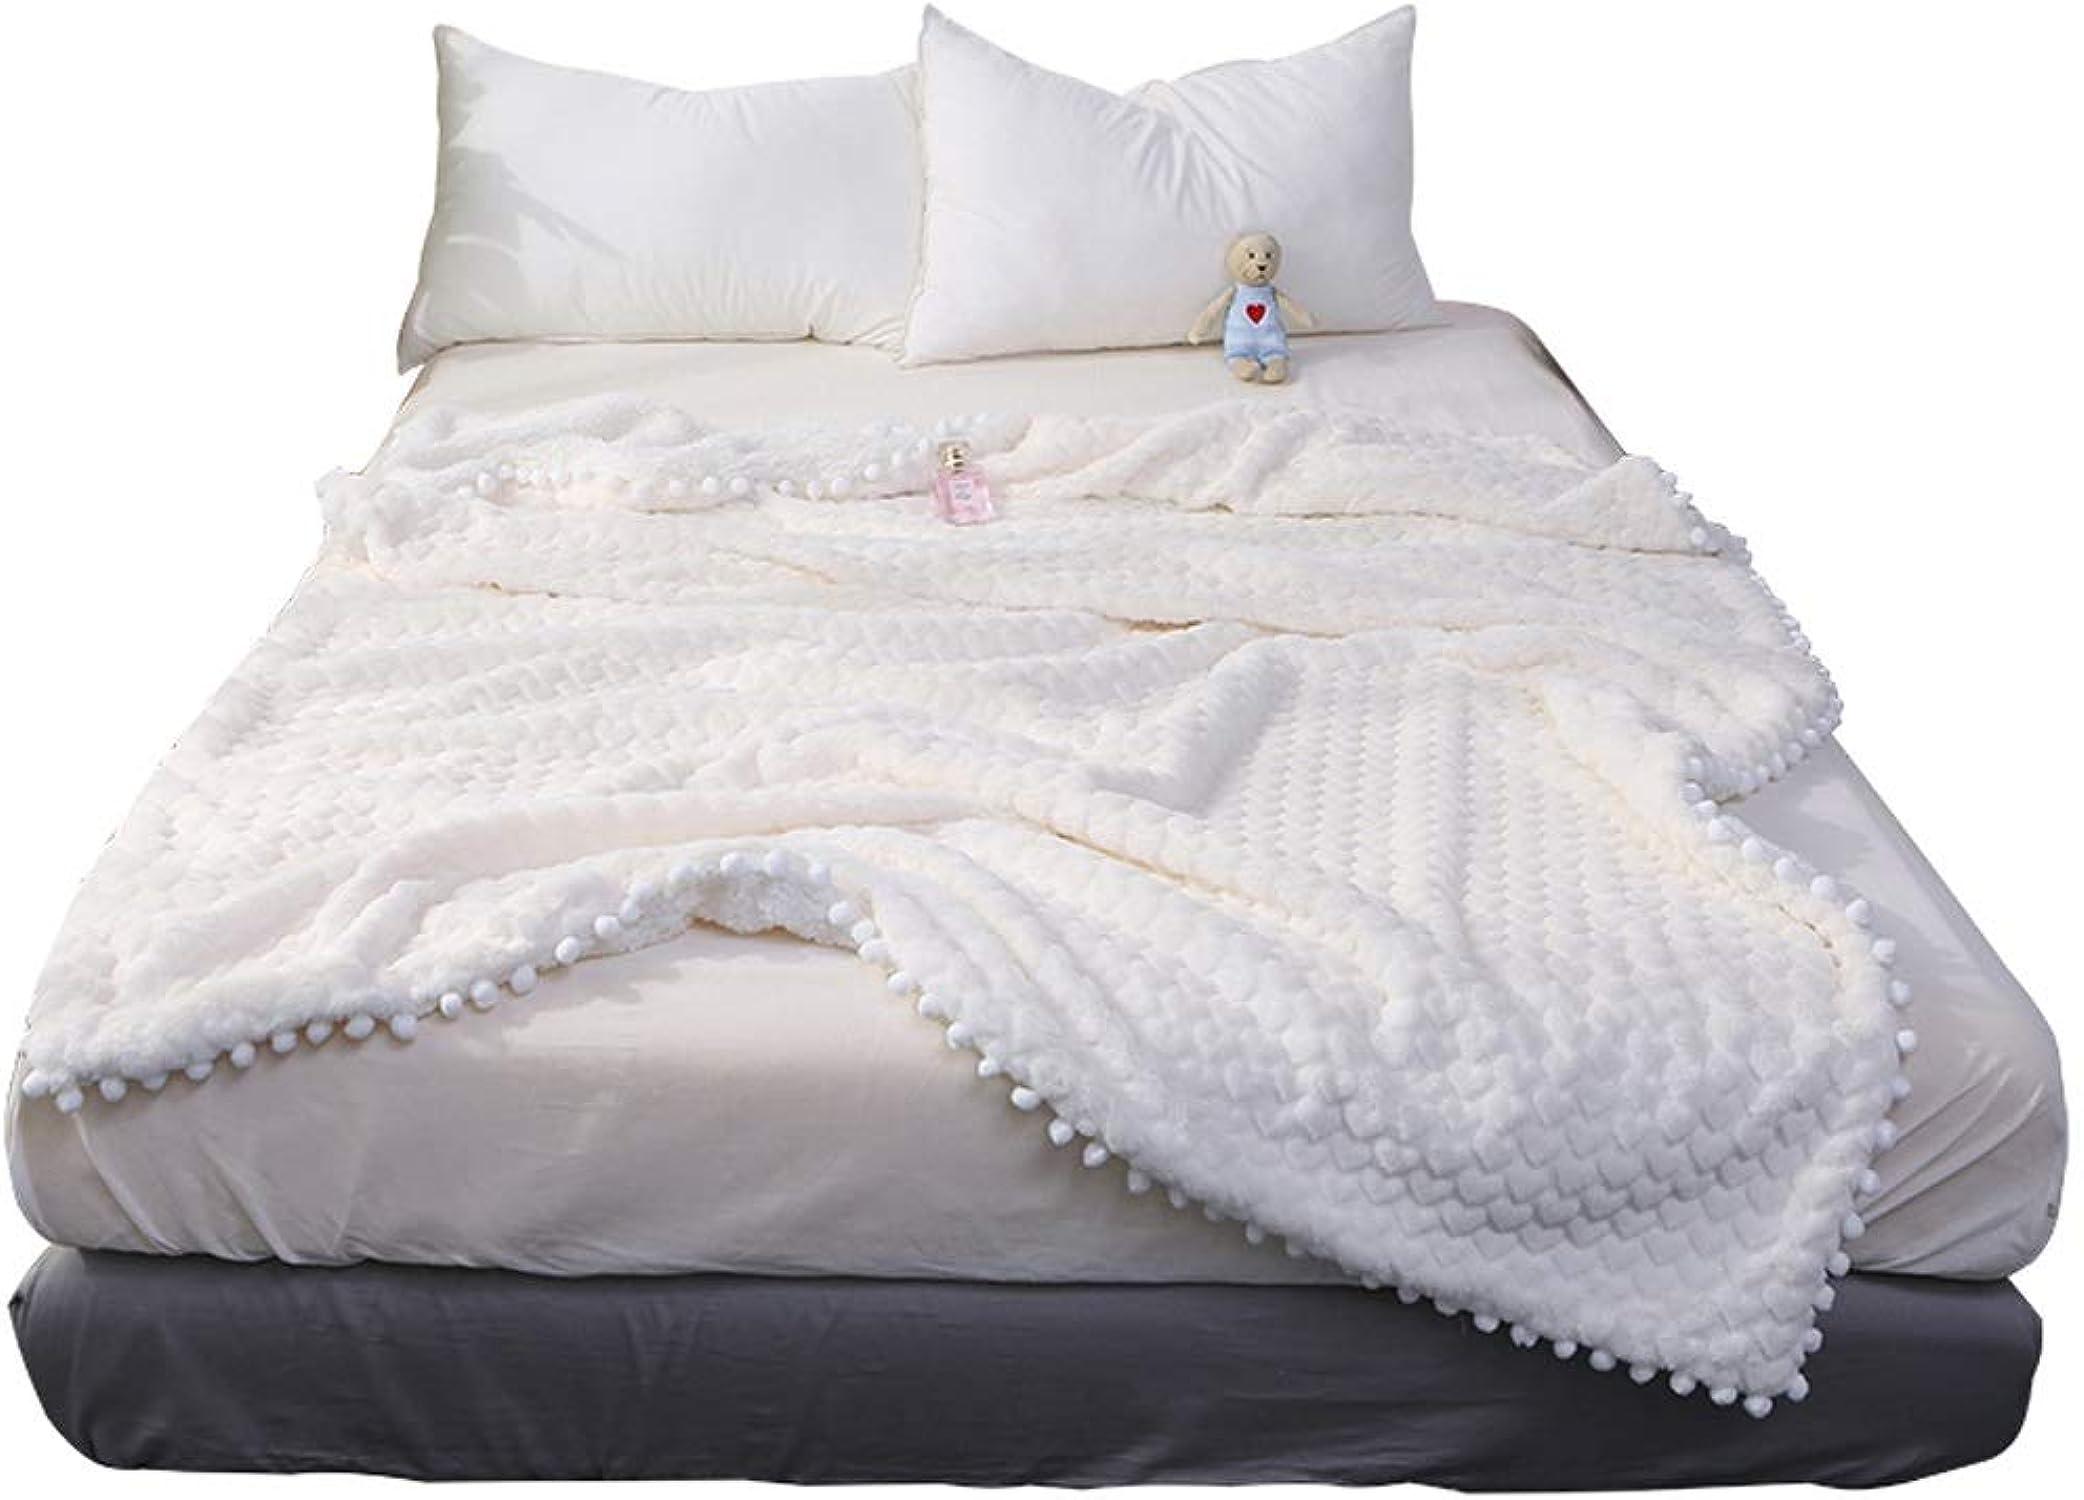 edición limitada en caliente QXX Manta Gruesa Gruesa Gruesa de otoo Invierno Toalla de Oficina Almuerzo Manta para sofá Cama Sofá (Color   blancoo, Tamaño   120  150cm)  genuina alta calidad